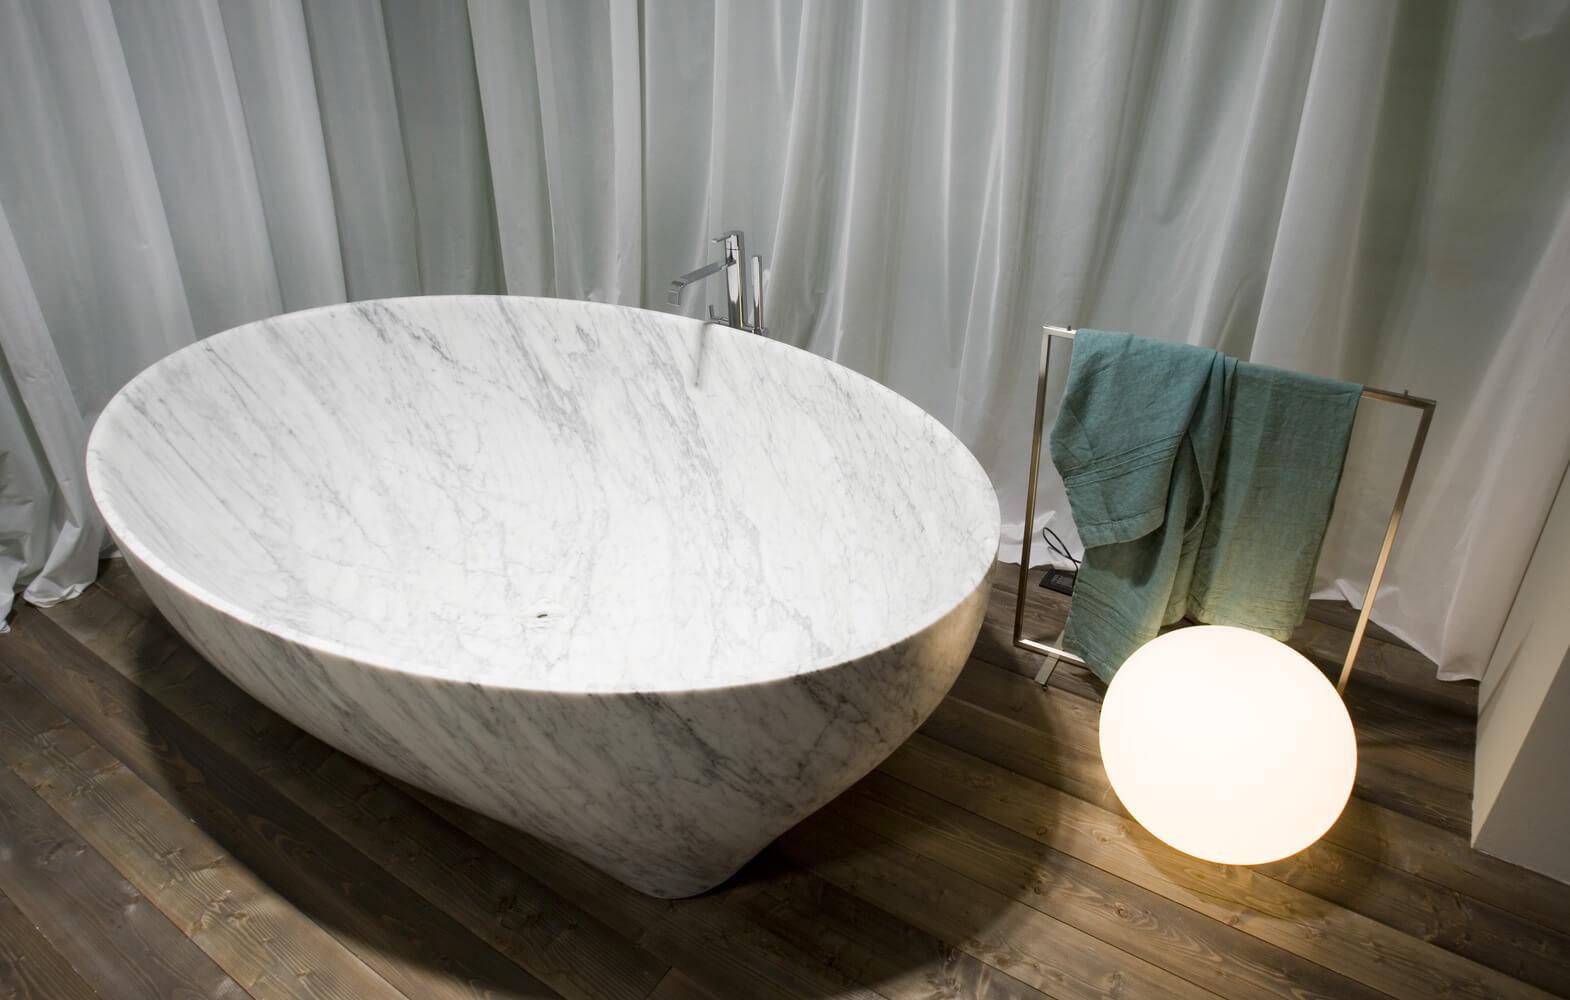 freistehende badewanne / oval / aus marmor / kunststoff - solidea, Badezimmer ideen